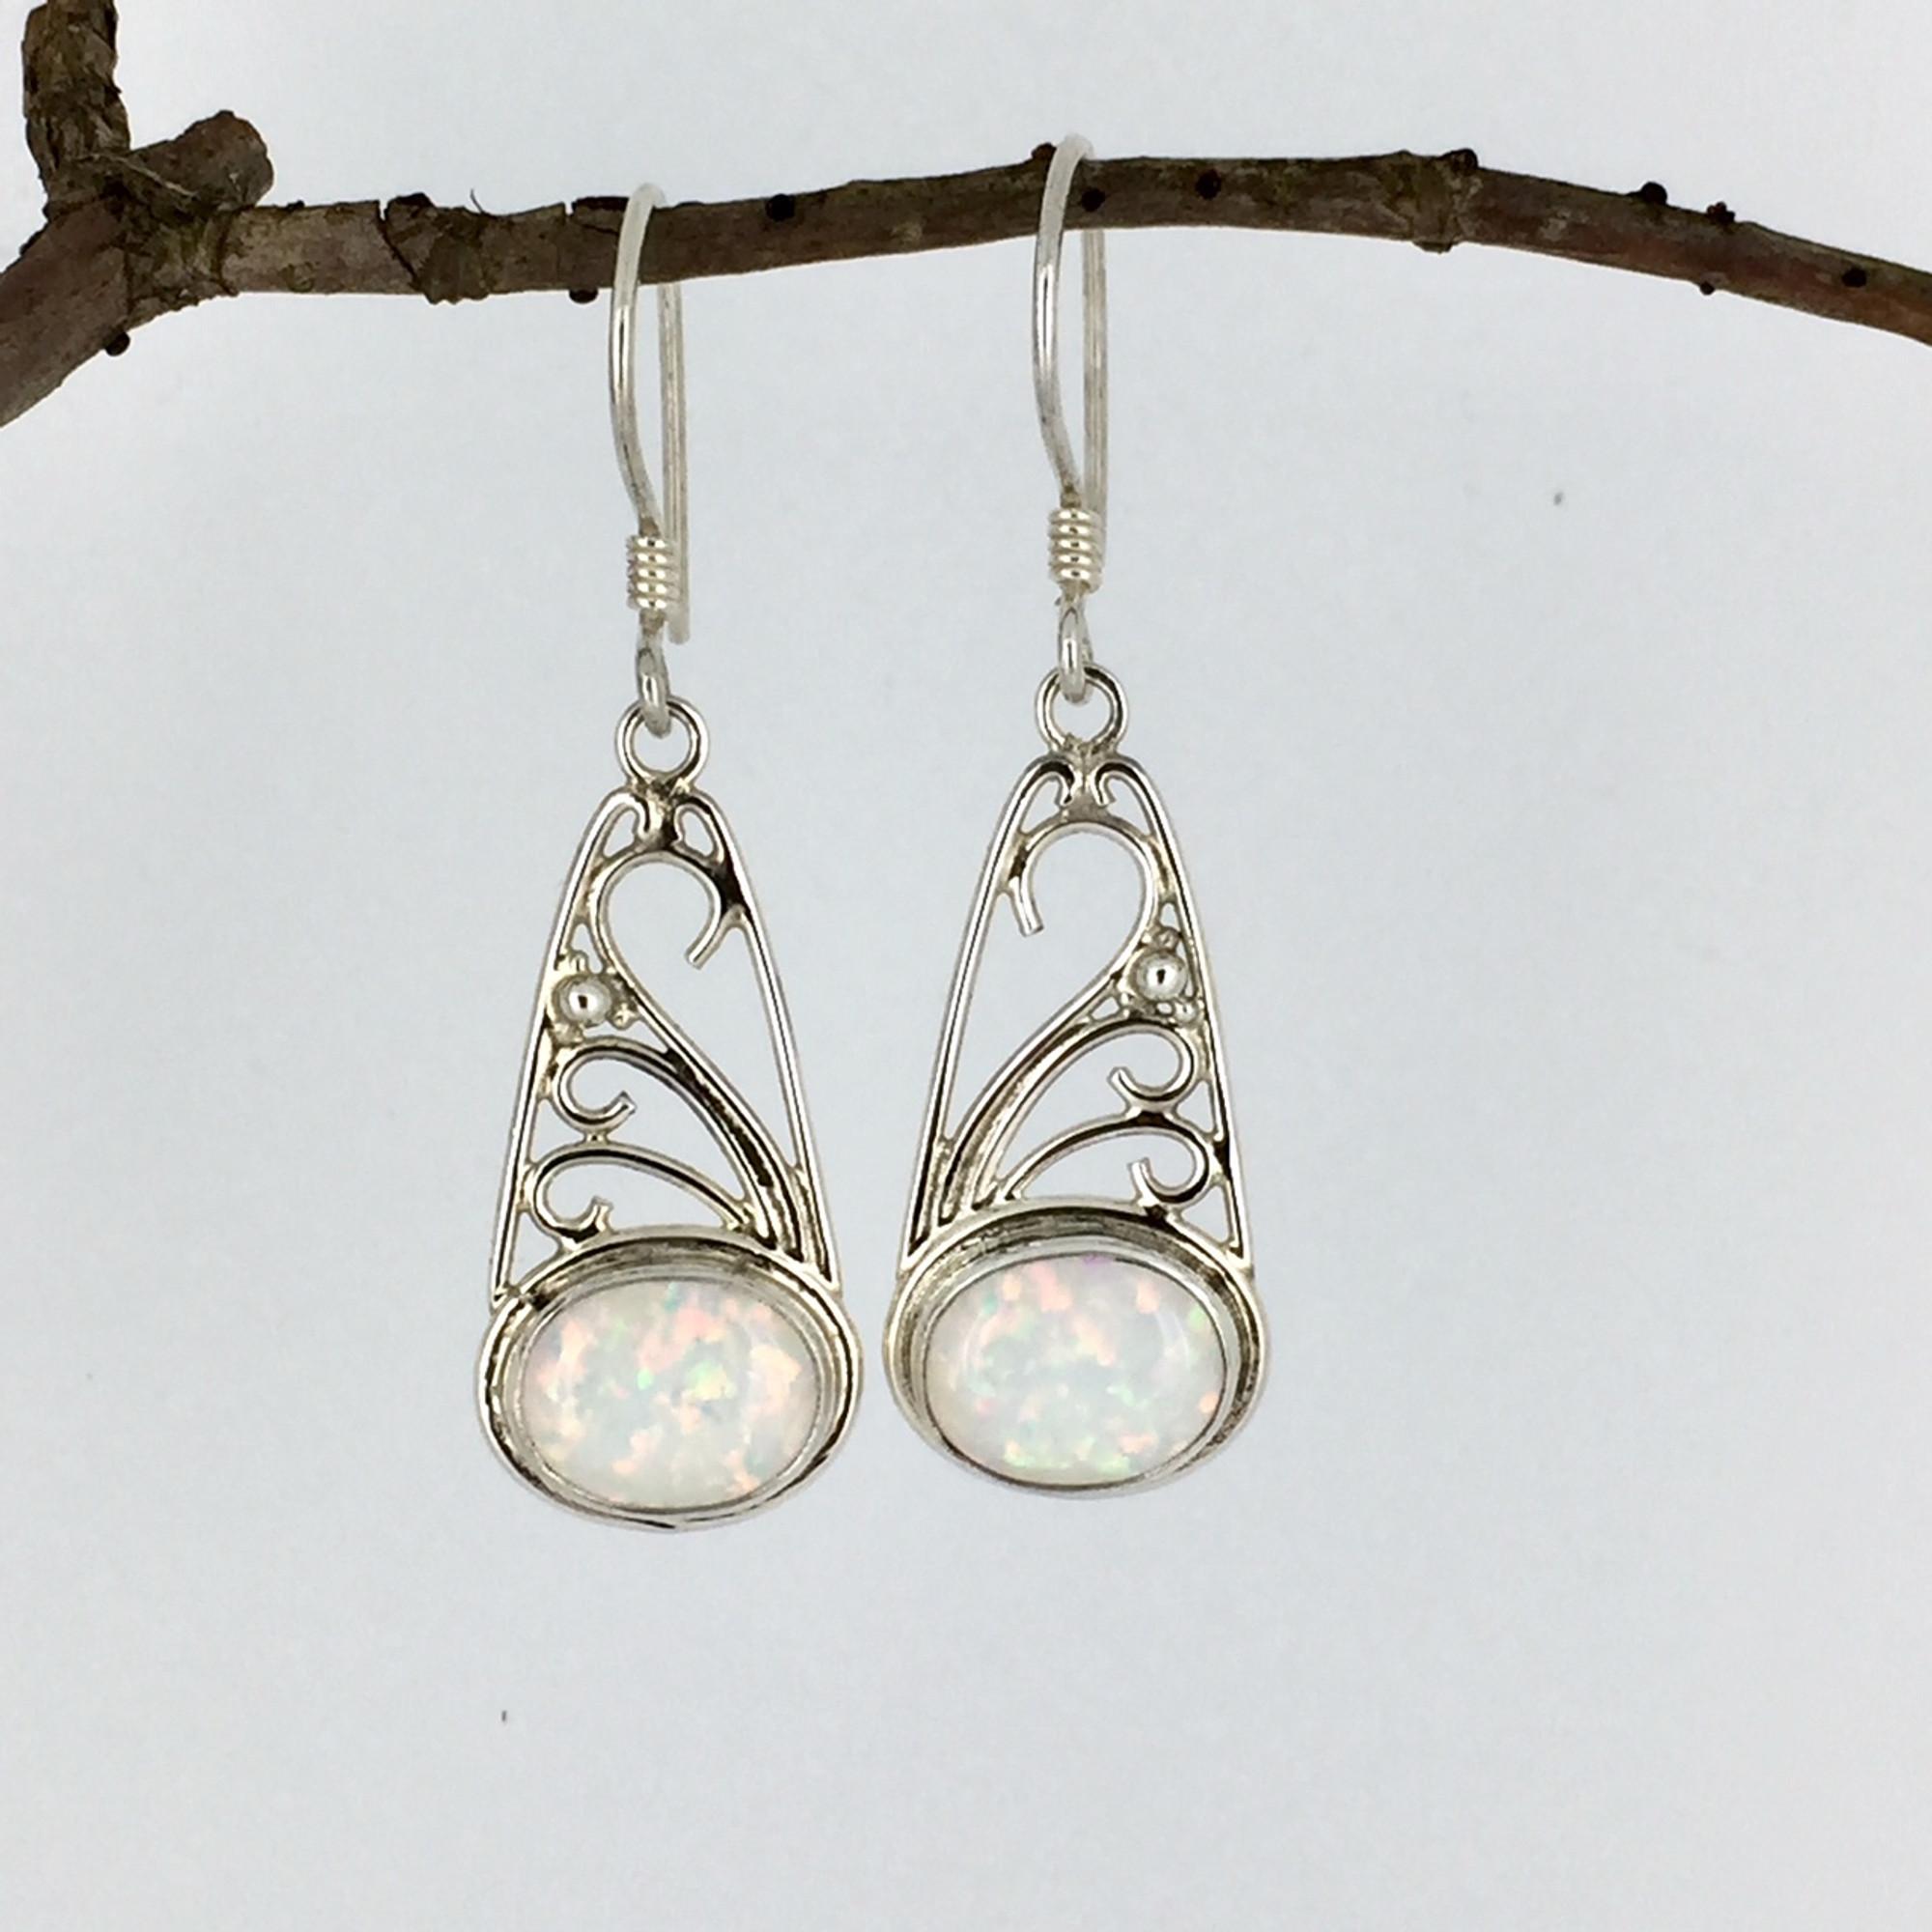 51fd17f39 Sterling Silver Filigree White Opal Wire Earrings - Mima's Of Warwick, LLC